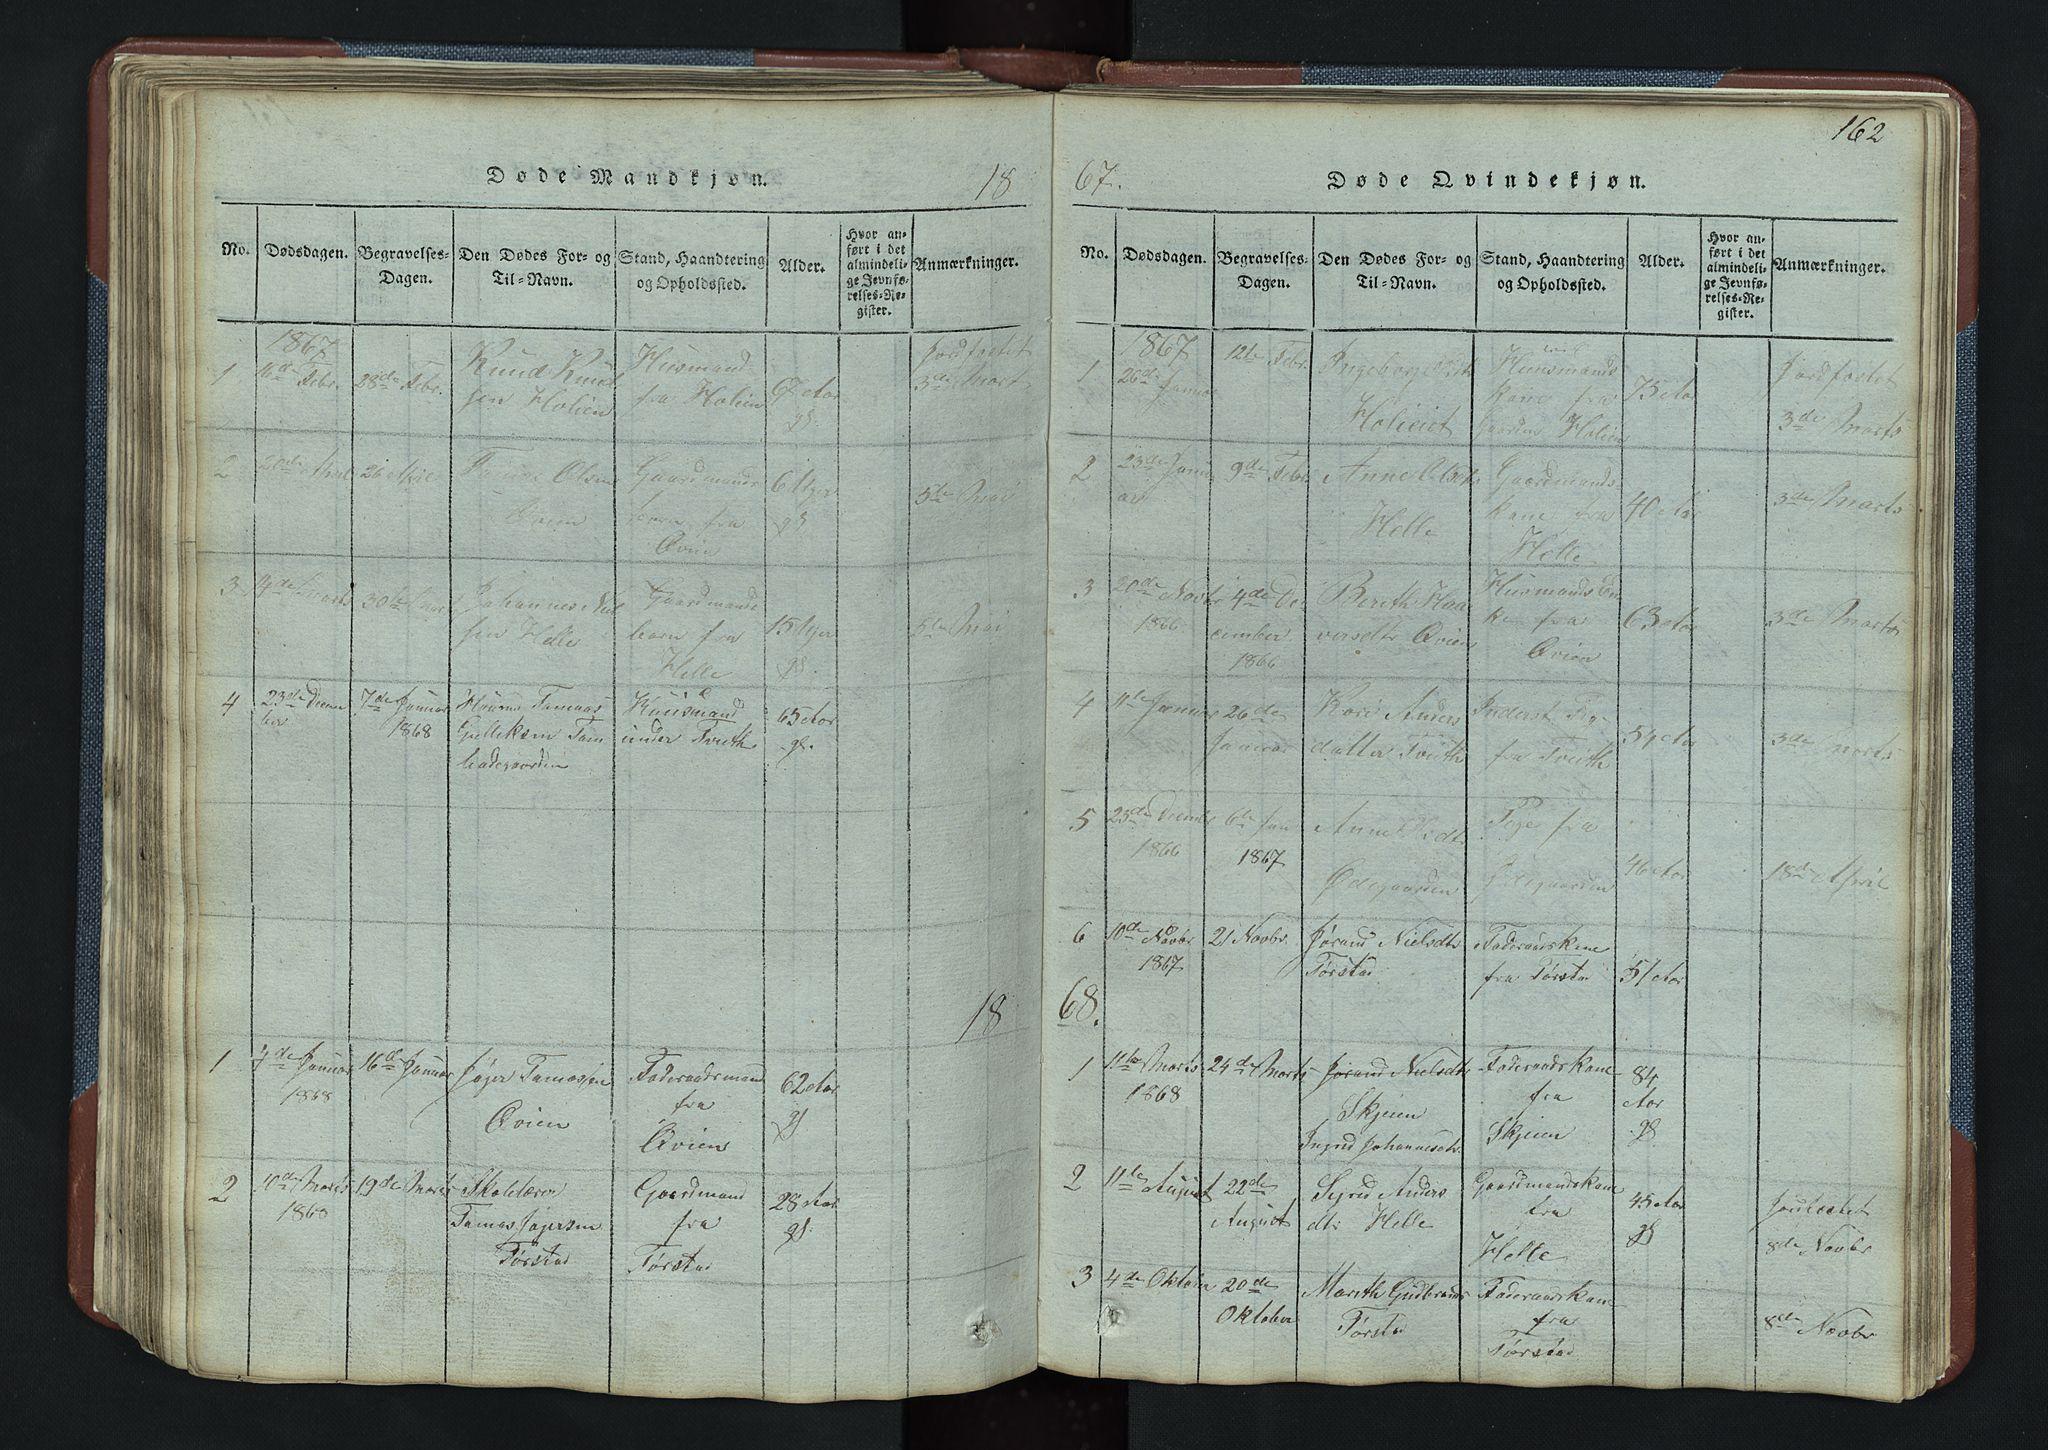 SAH, Vang prestekontor, Valdres, Klokkerbok nr. 3, 1814-1892, s. 162